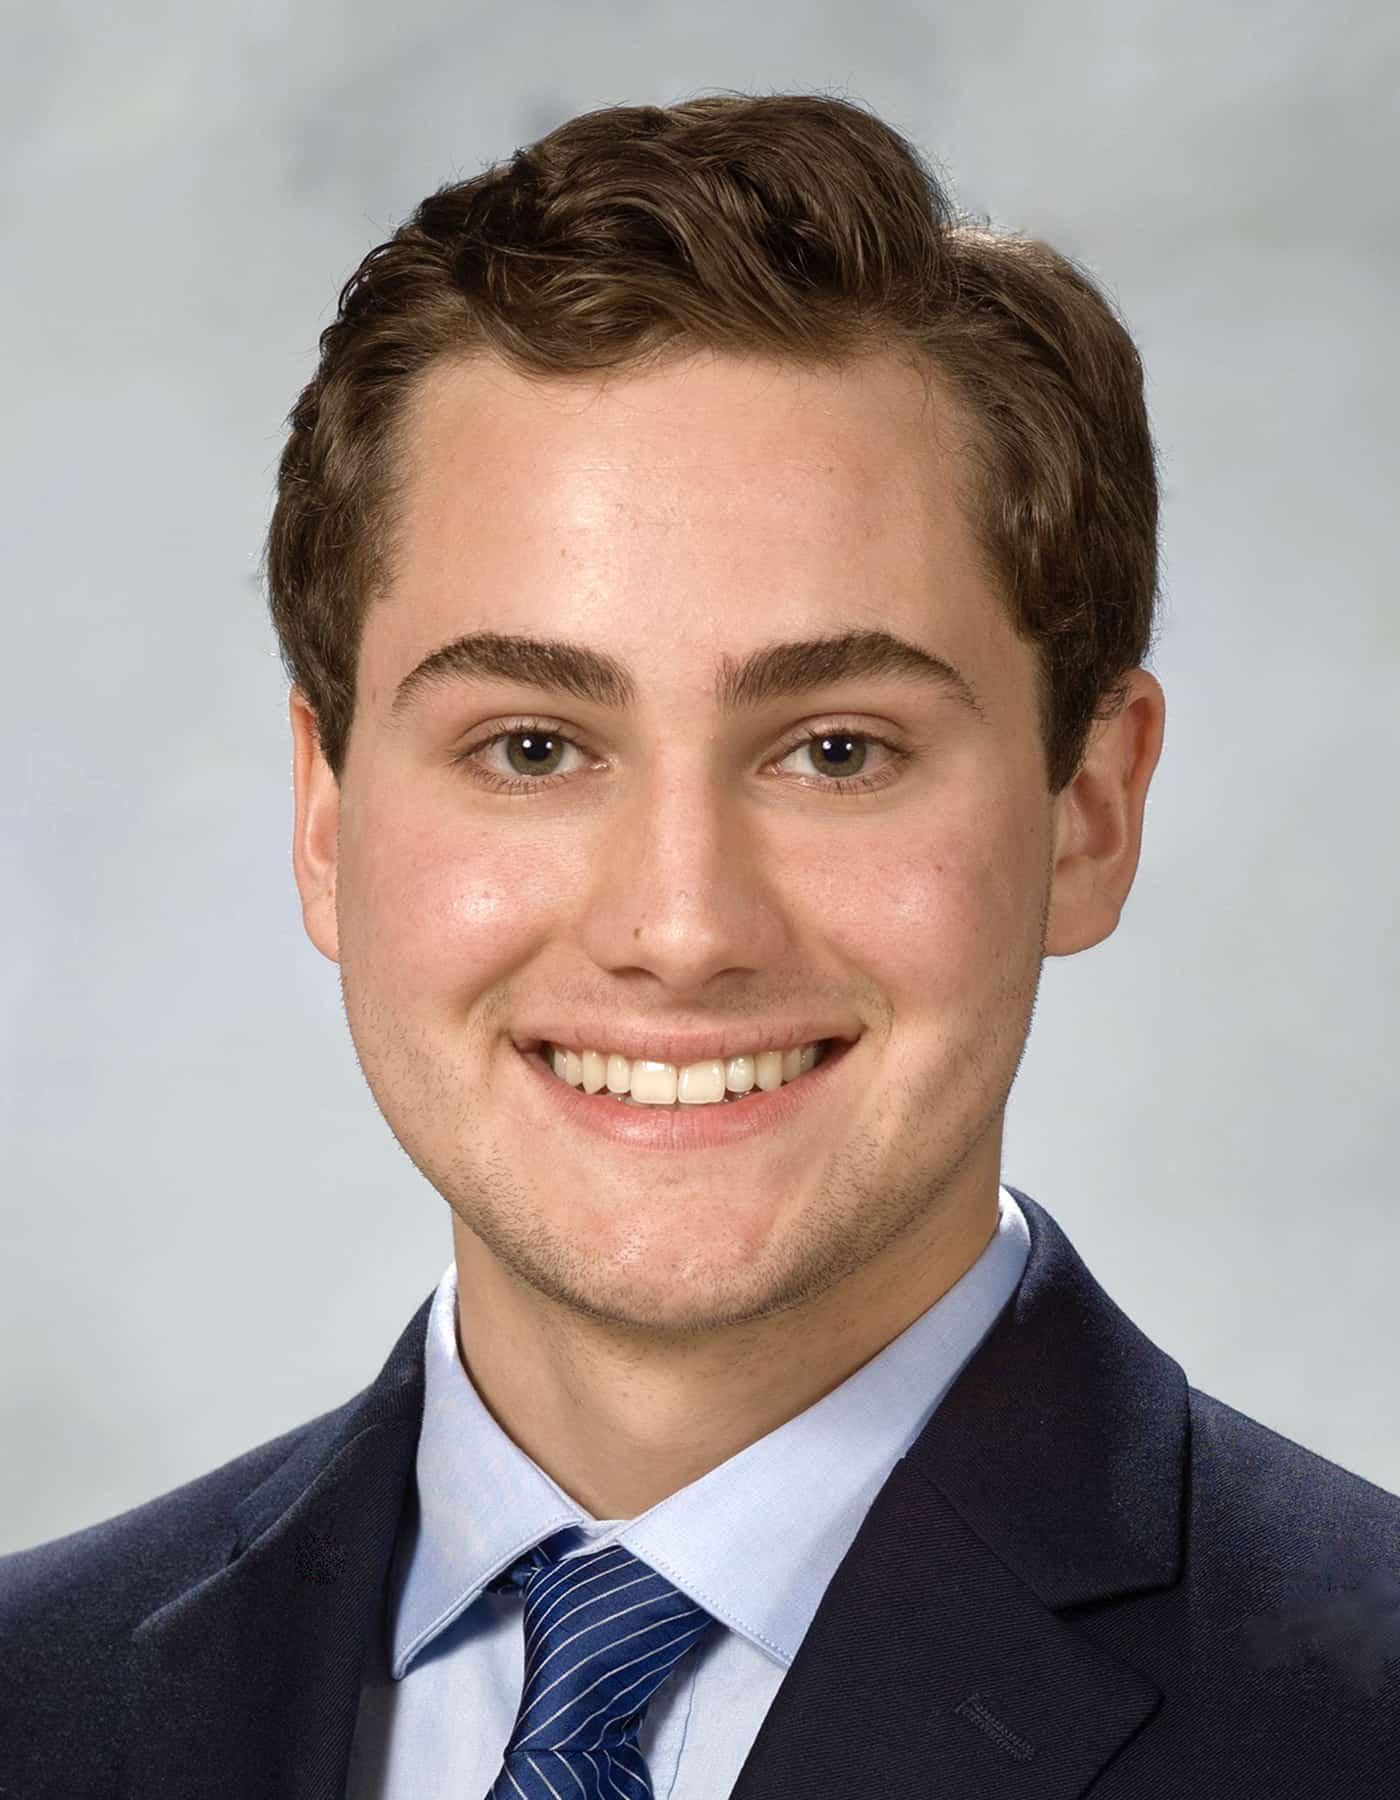 Benjamin N. (Ben) Moore